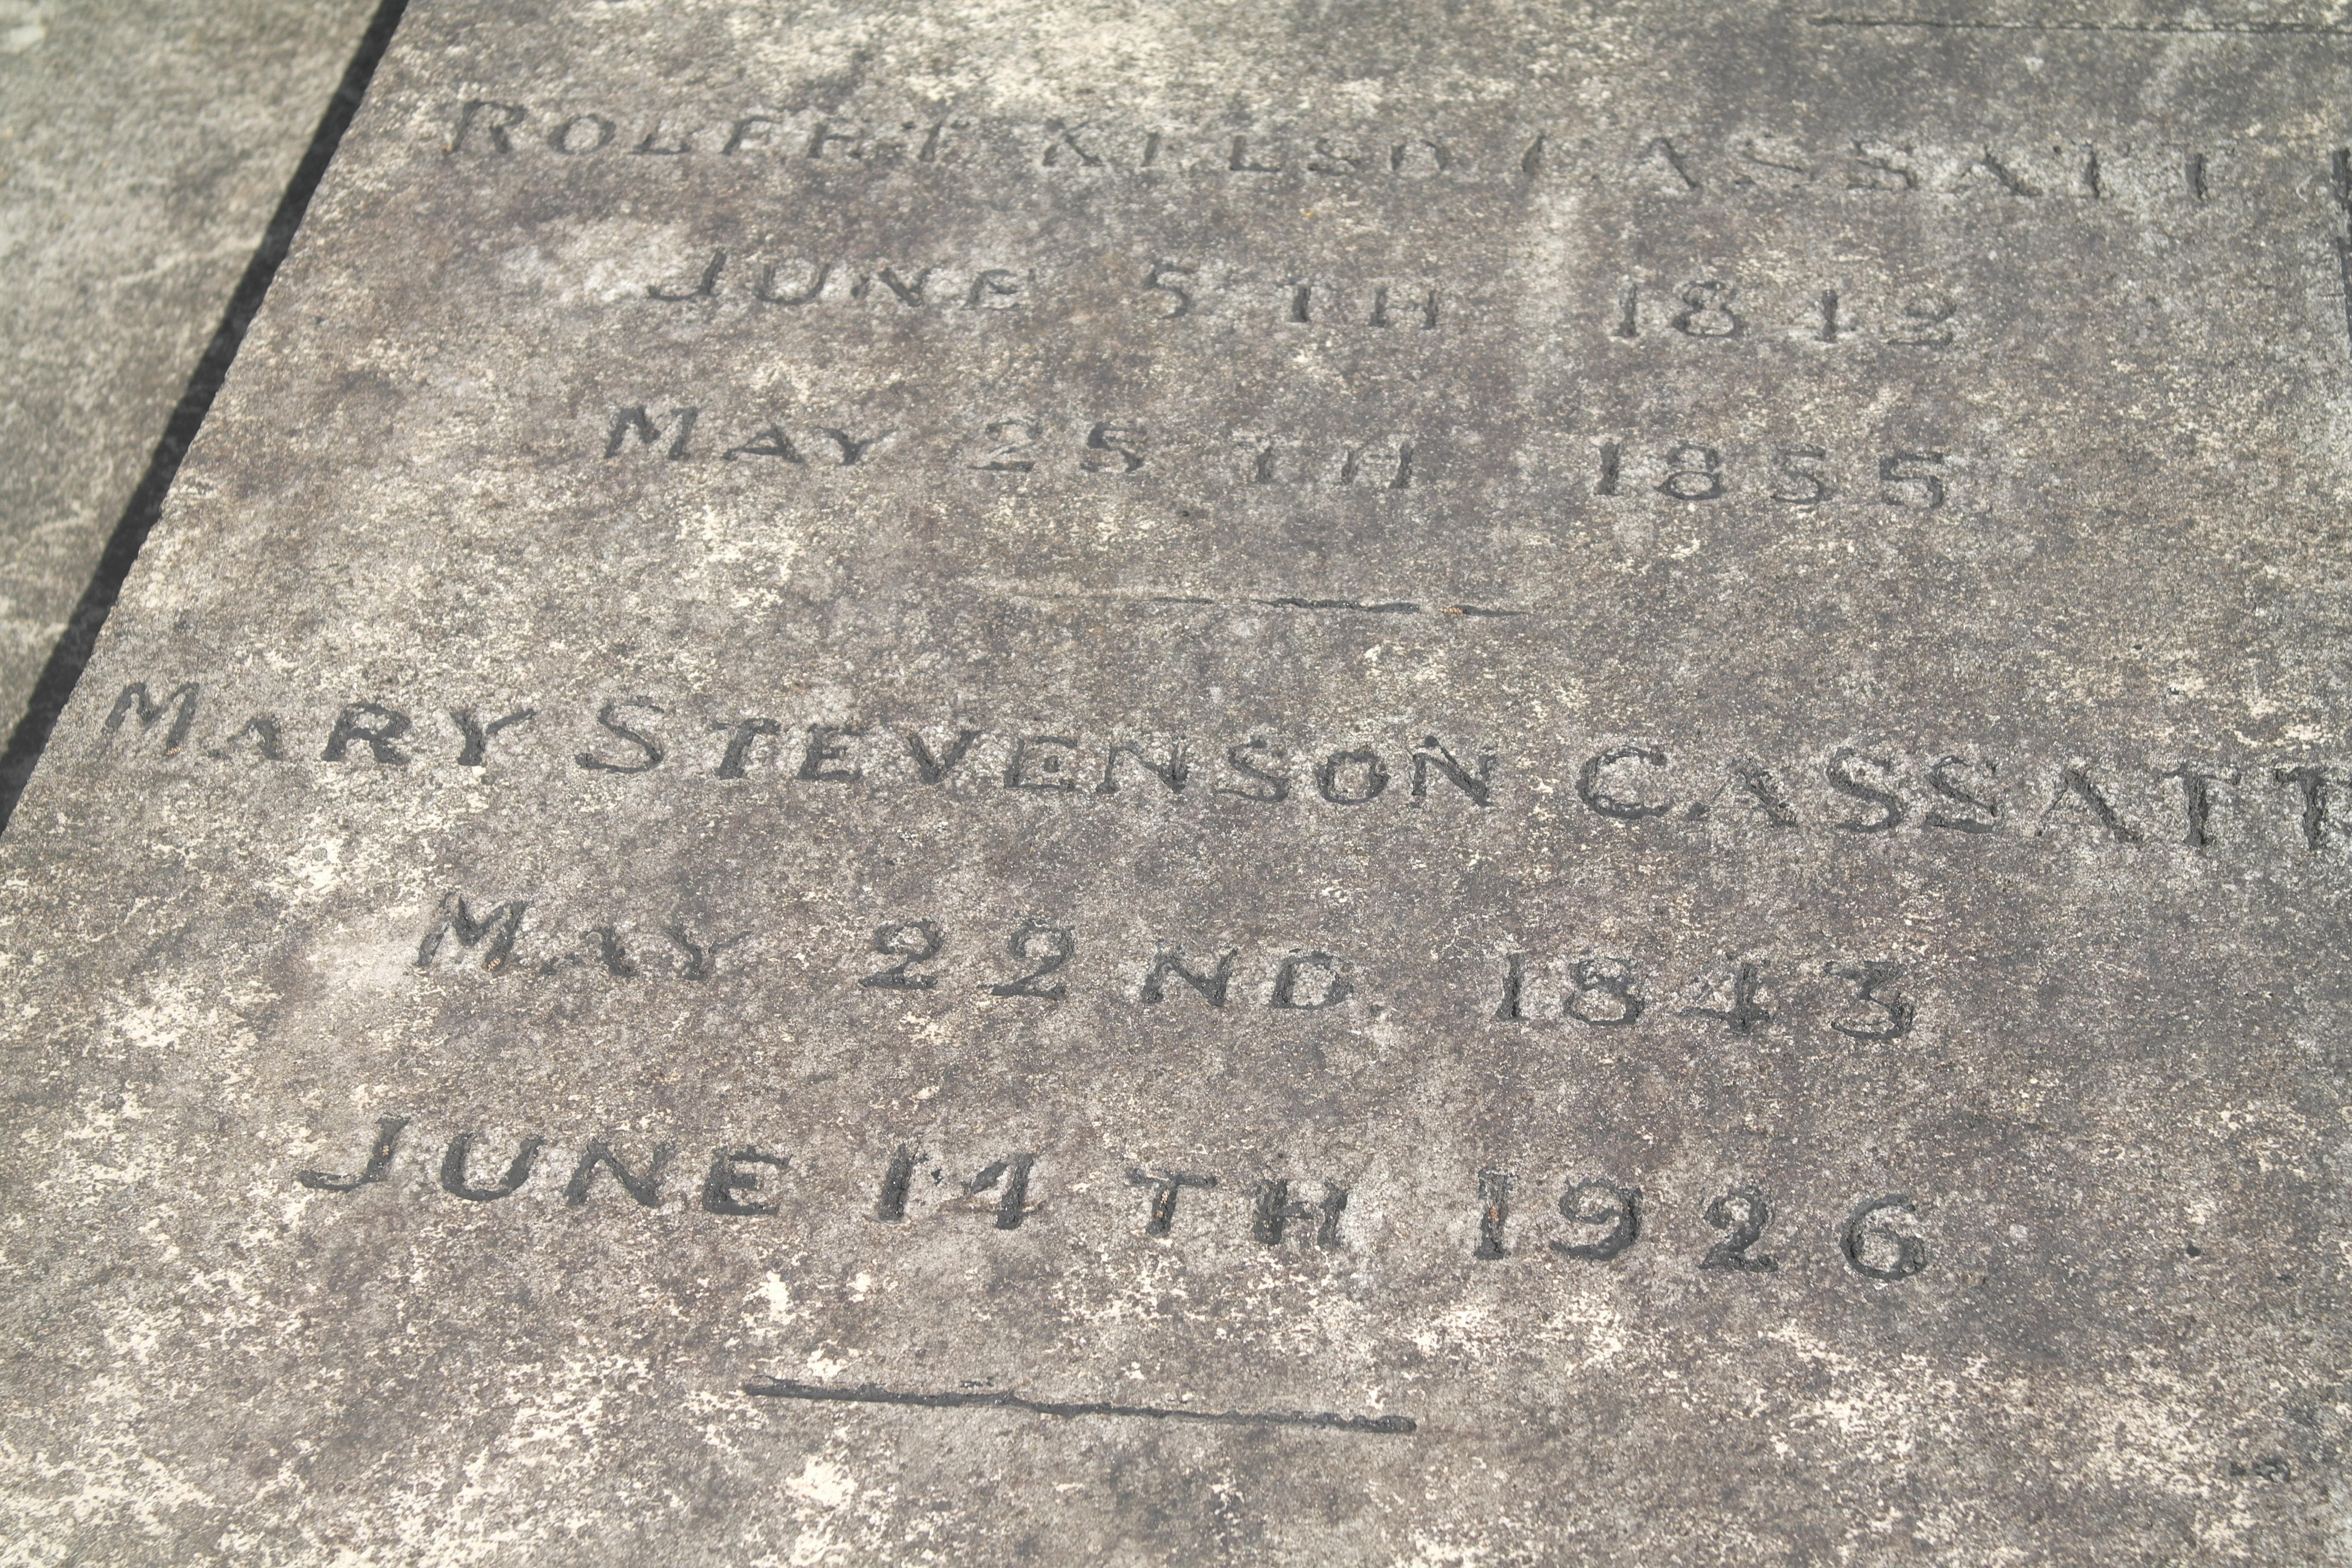 Mary stevenson Cassatt (1845-1926)